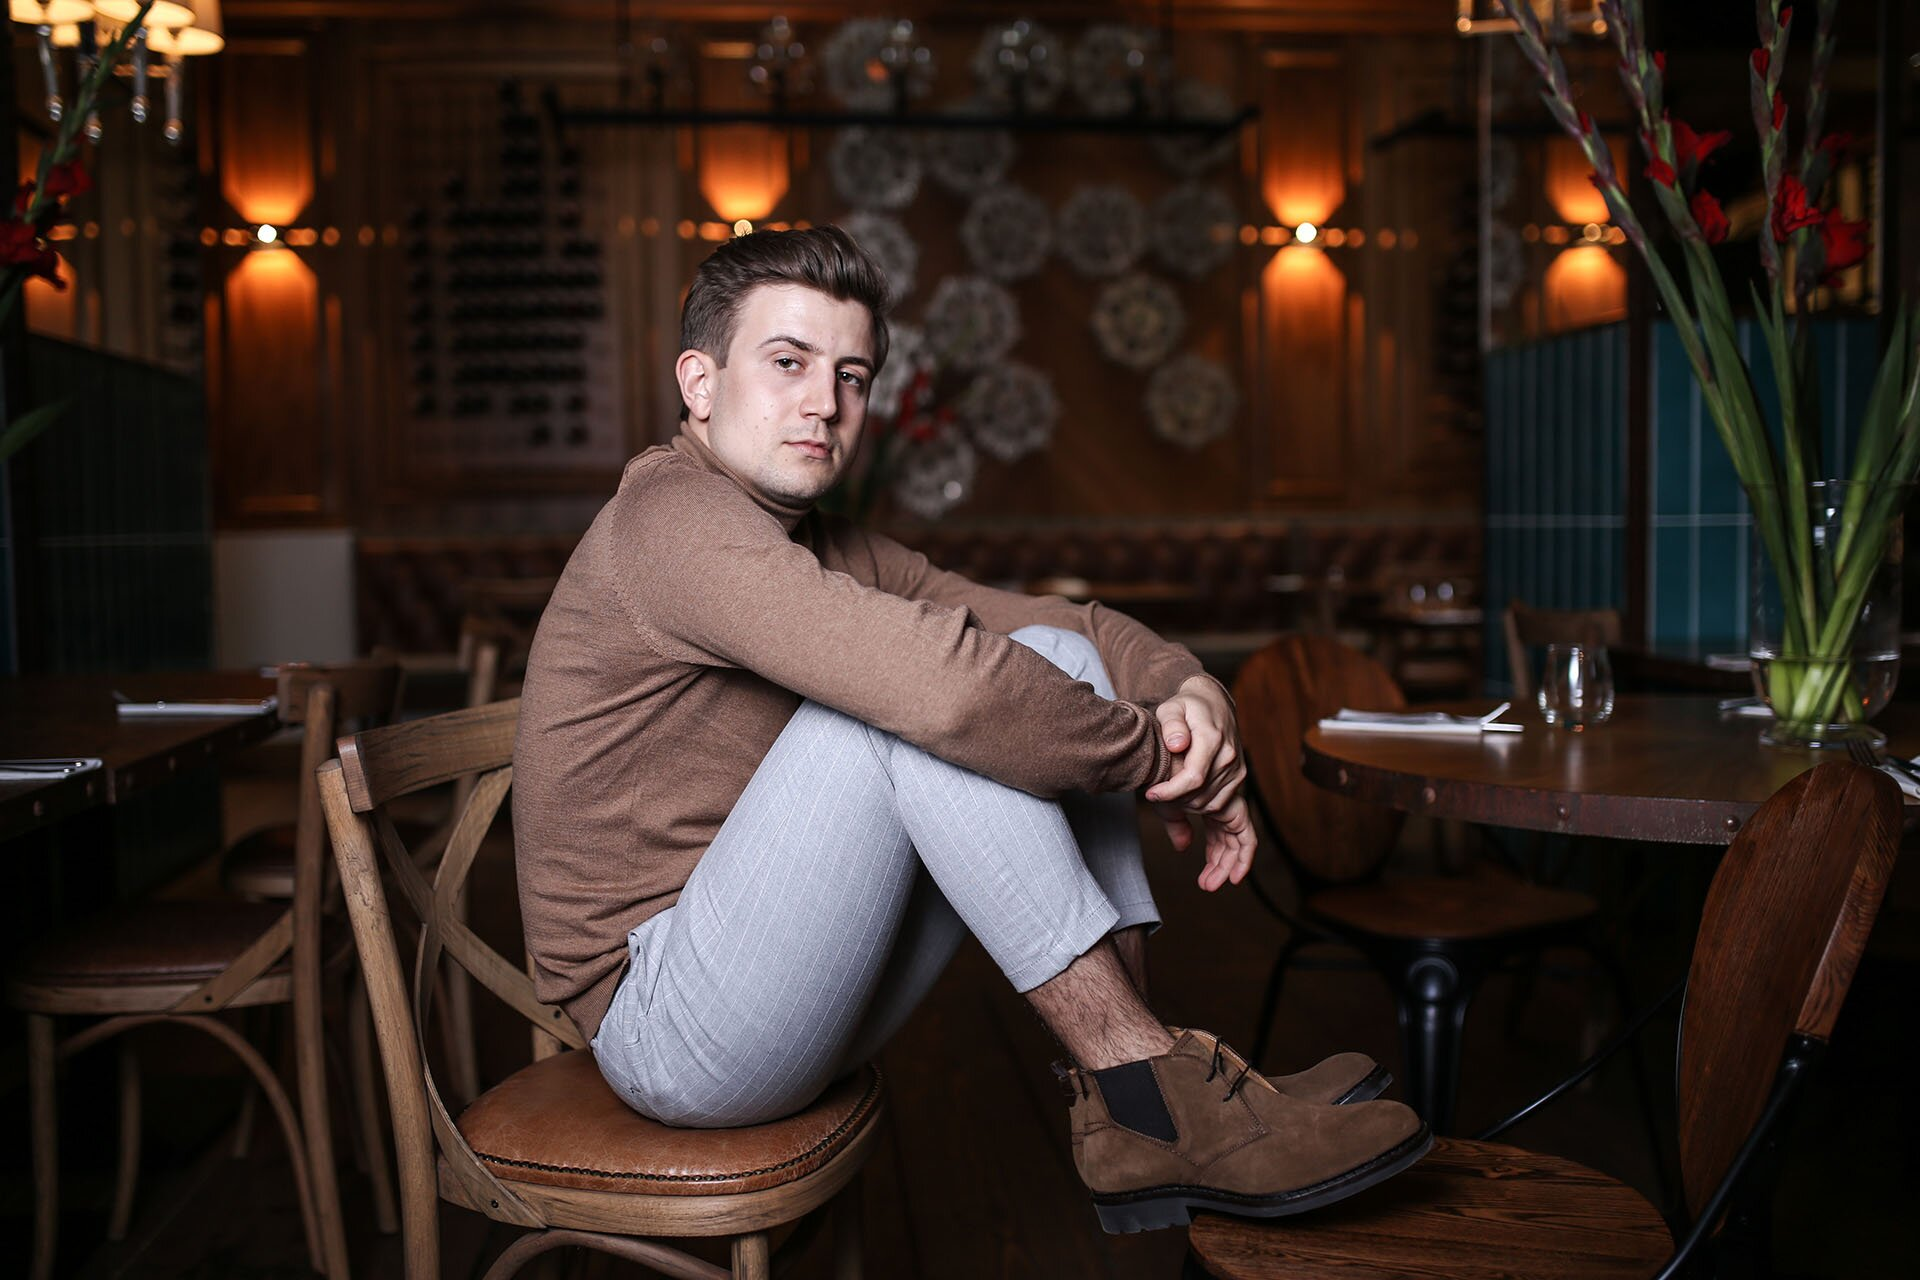 GMALE by Grzegorz Paliś, Moda męska, Blog o modzie męskiej, Dlaczego założyłem bloga? Po co mi blog? Boccanera Kraków